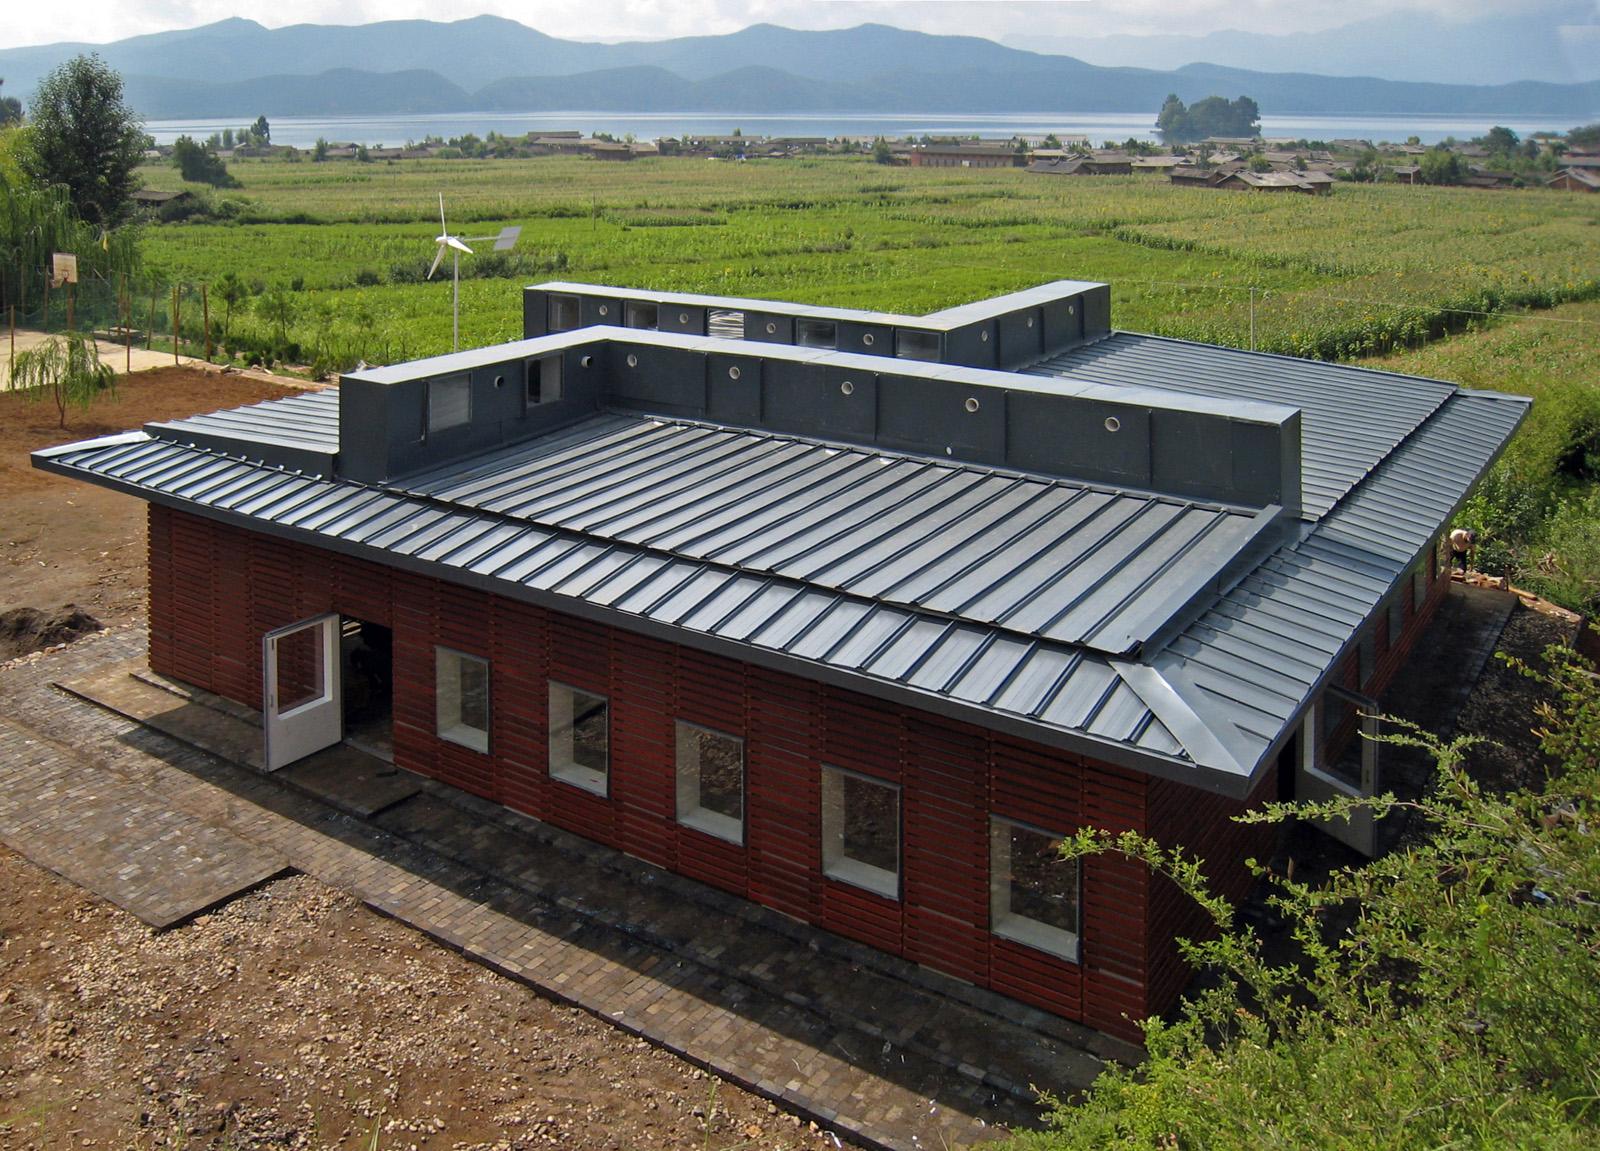 新芽學堂與四川瀘沽湖區自然環境和當地村落的肌理融為一體